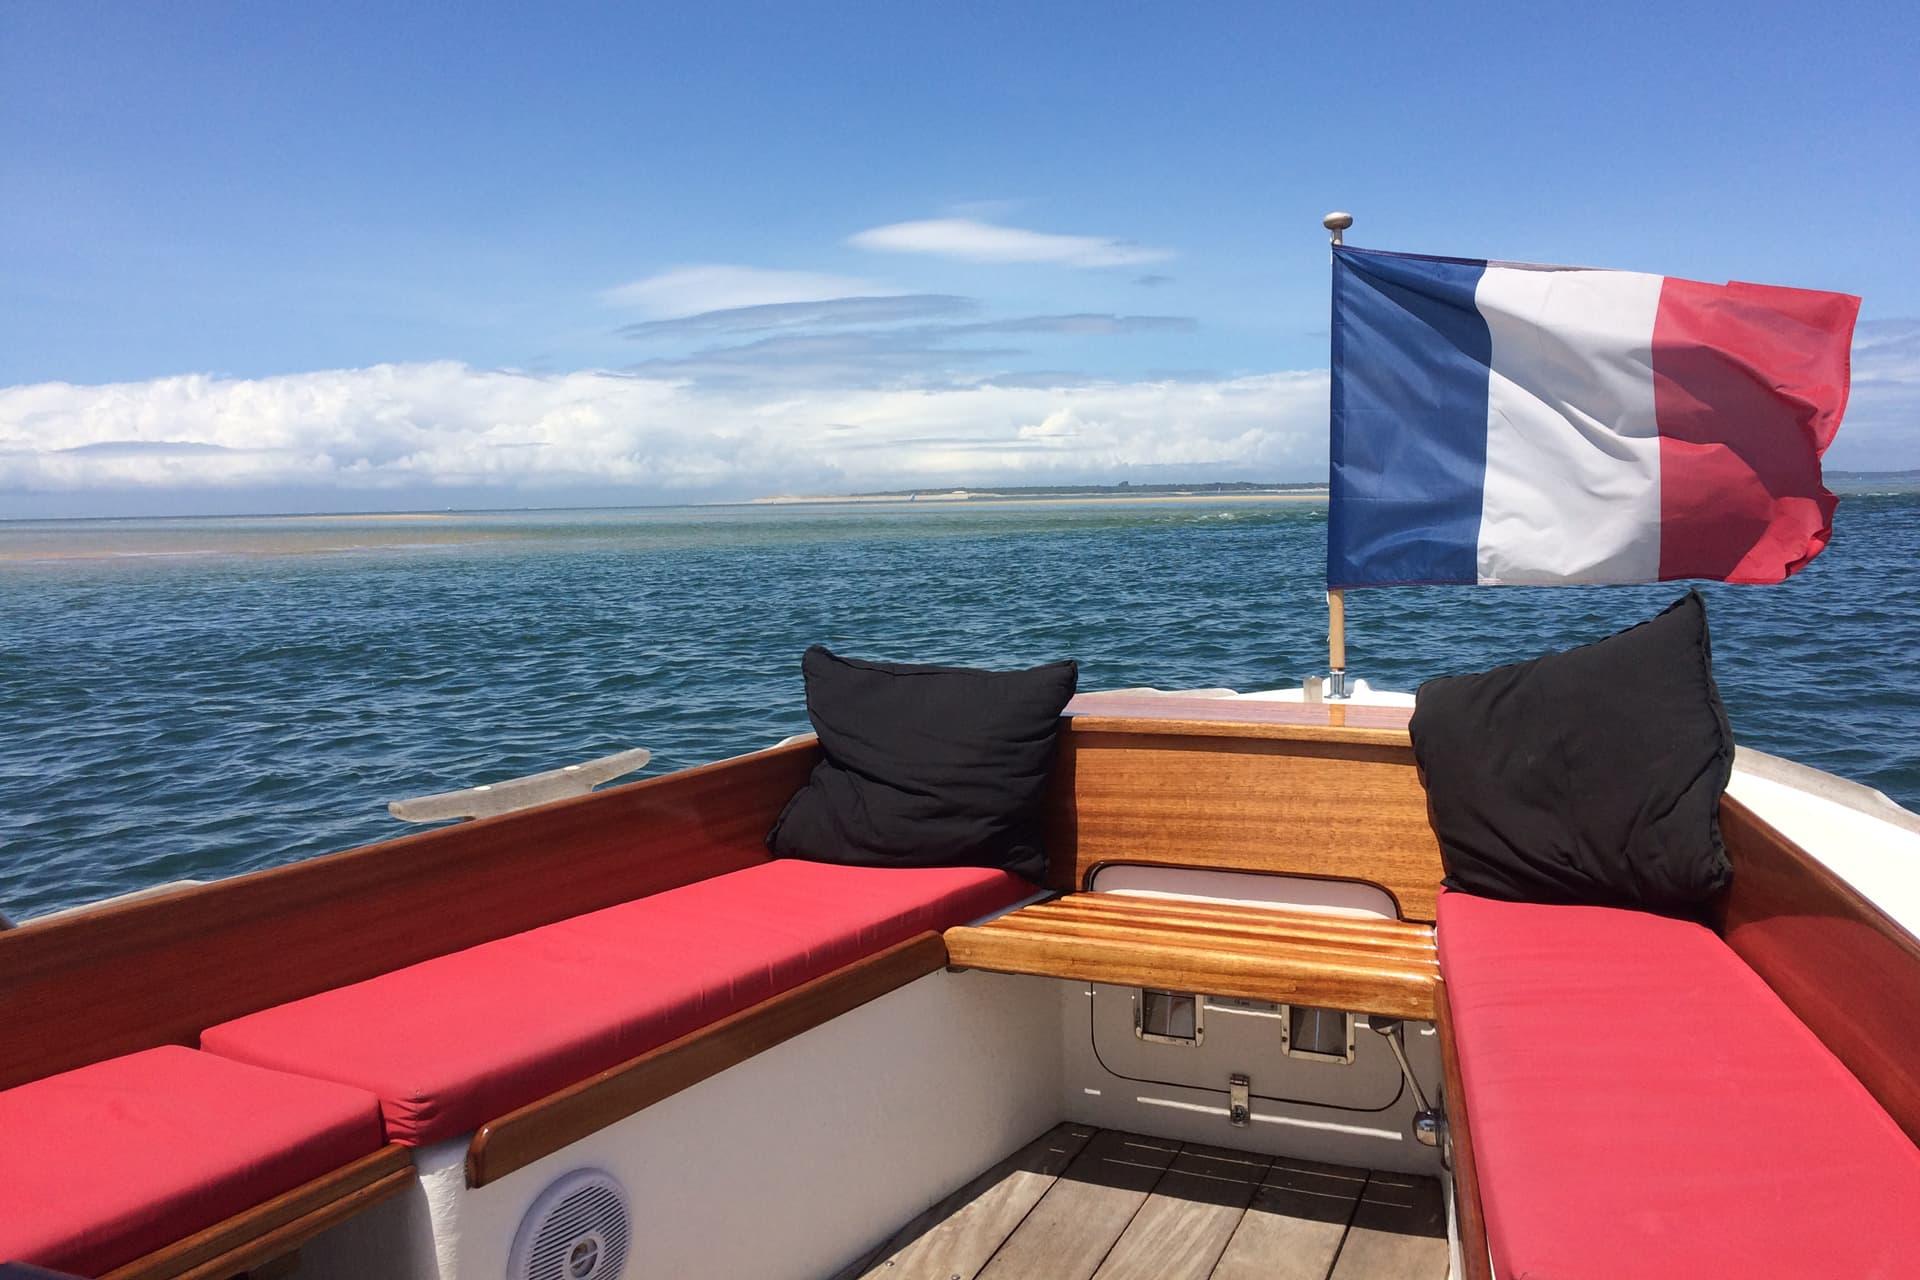 Balade en bateau au petit-déjeuner sur le bassin d'Arcachon